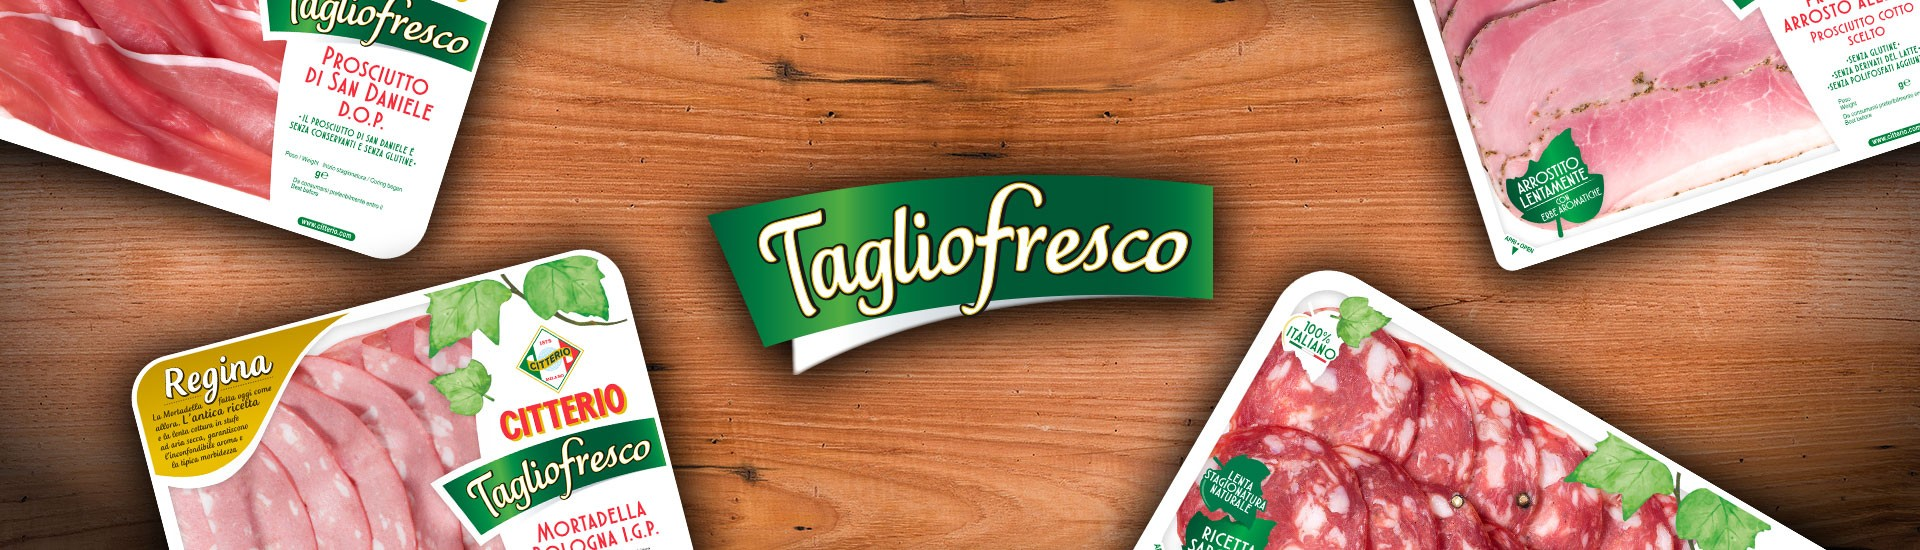 cover-tagliofrescoTsge2E.jpg